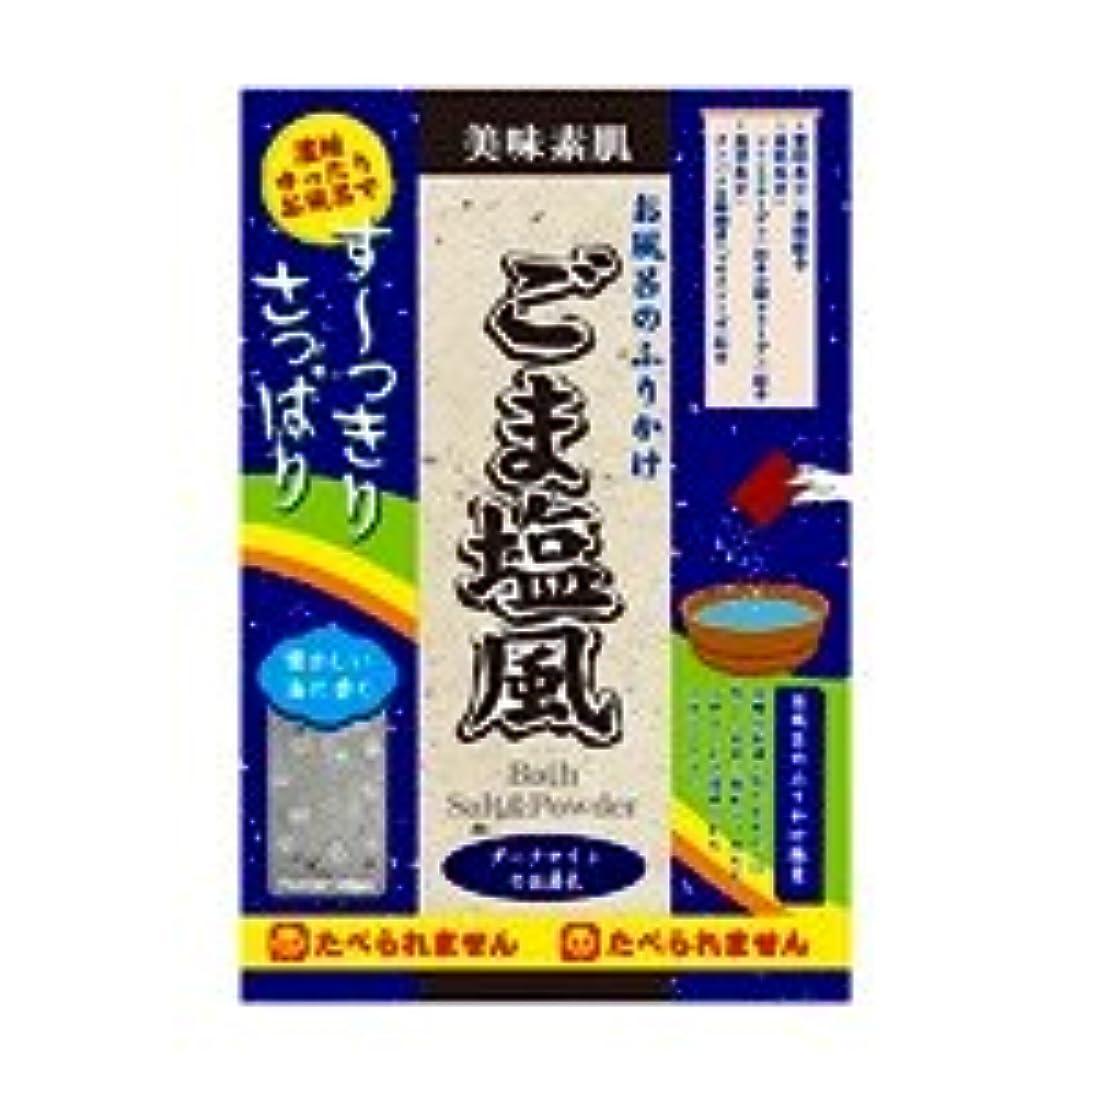 気を散らす物理的に受け取るお風呂のふりかけ「ゴマシオ」12個セット ダークマリンのお湯 懐かしい海の香り